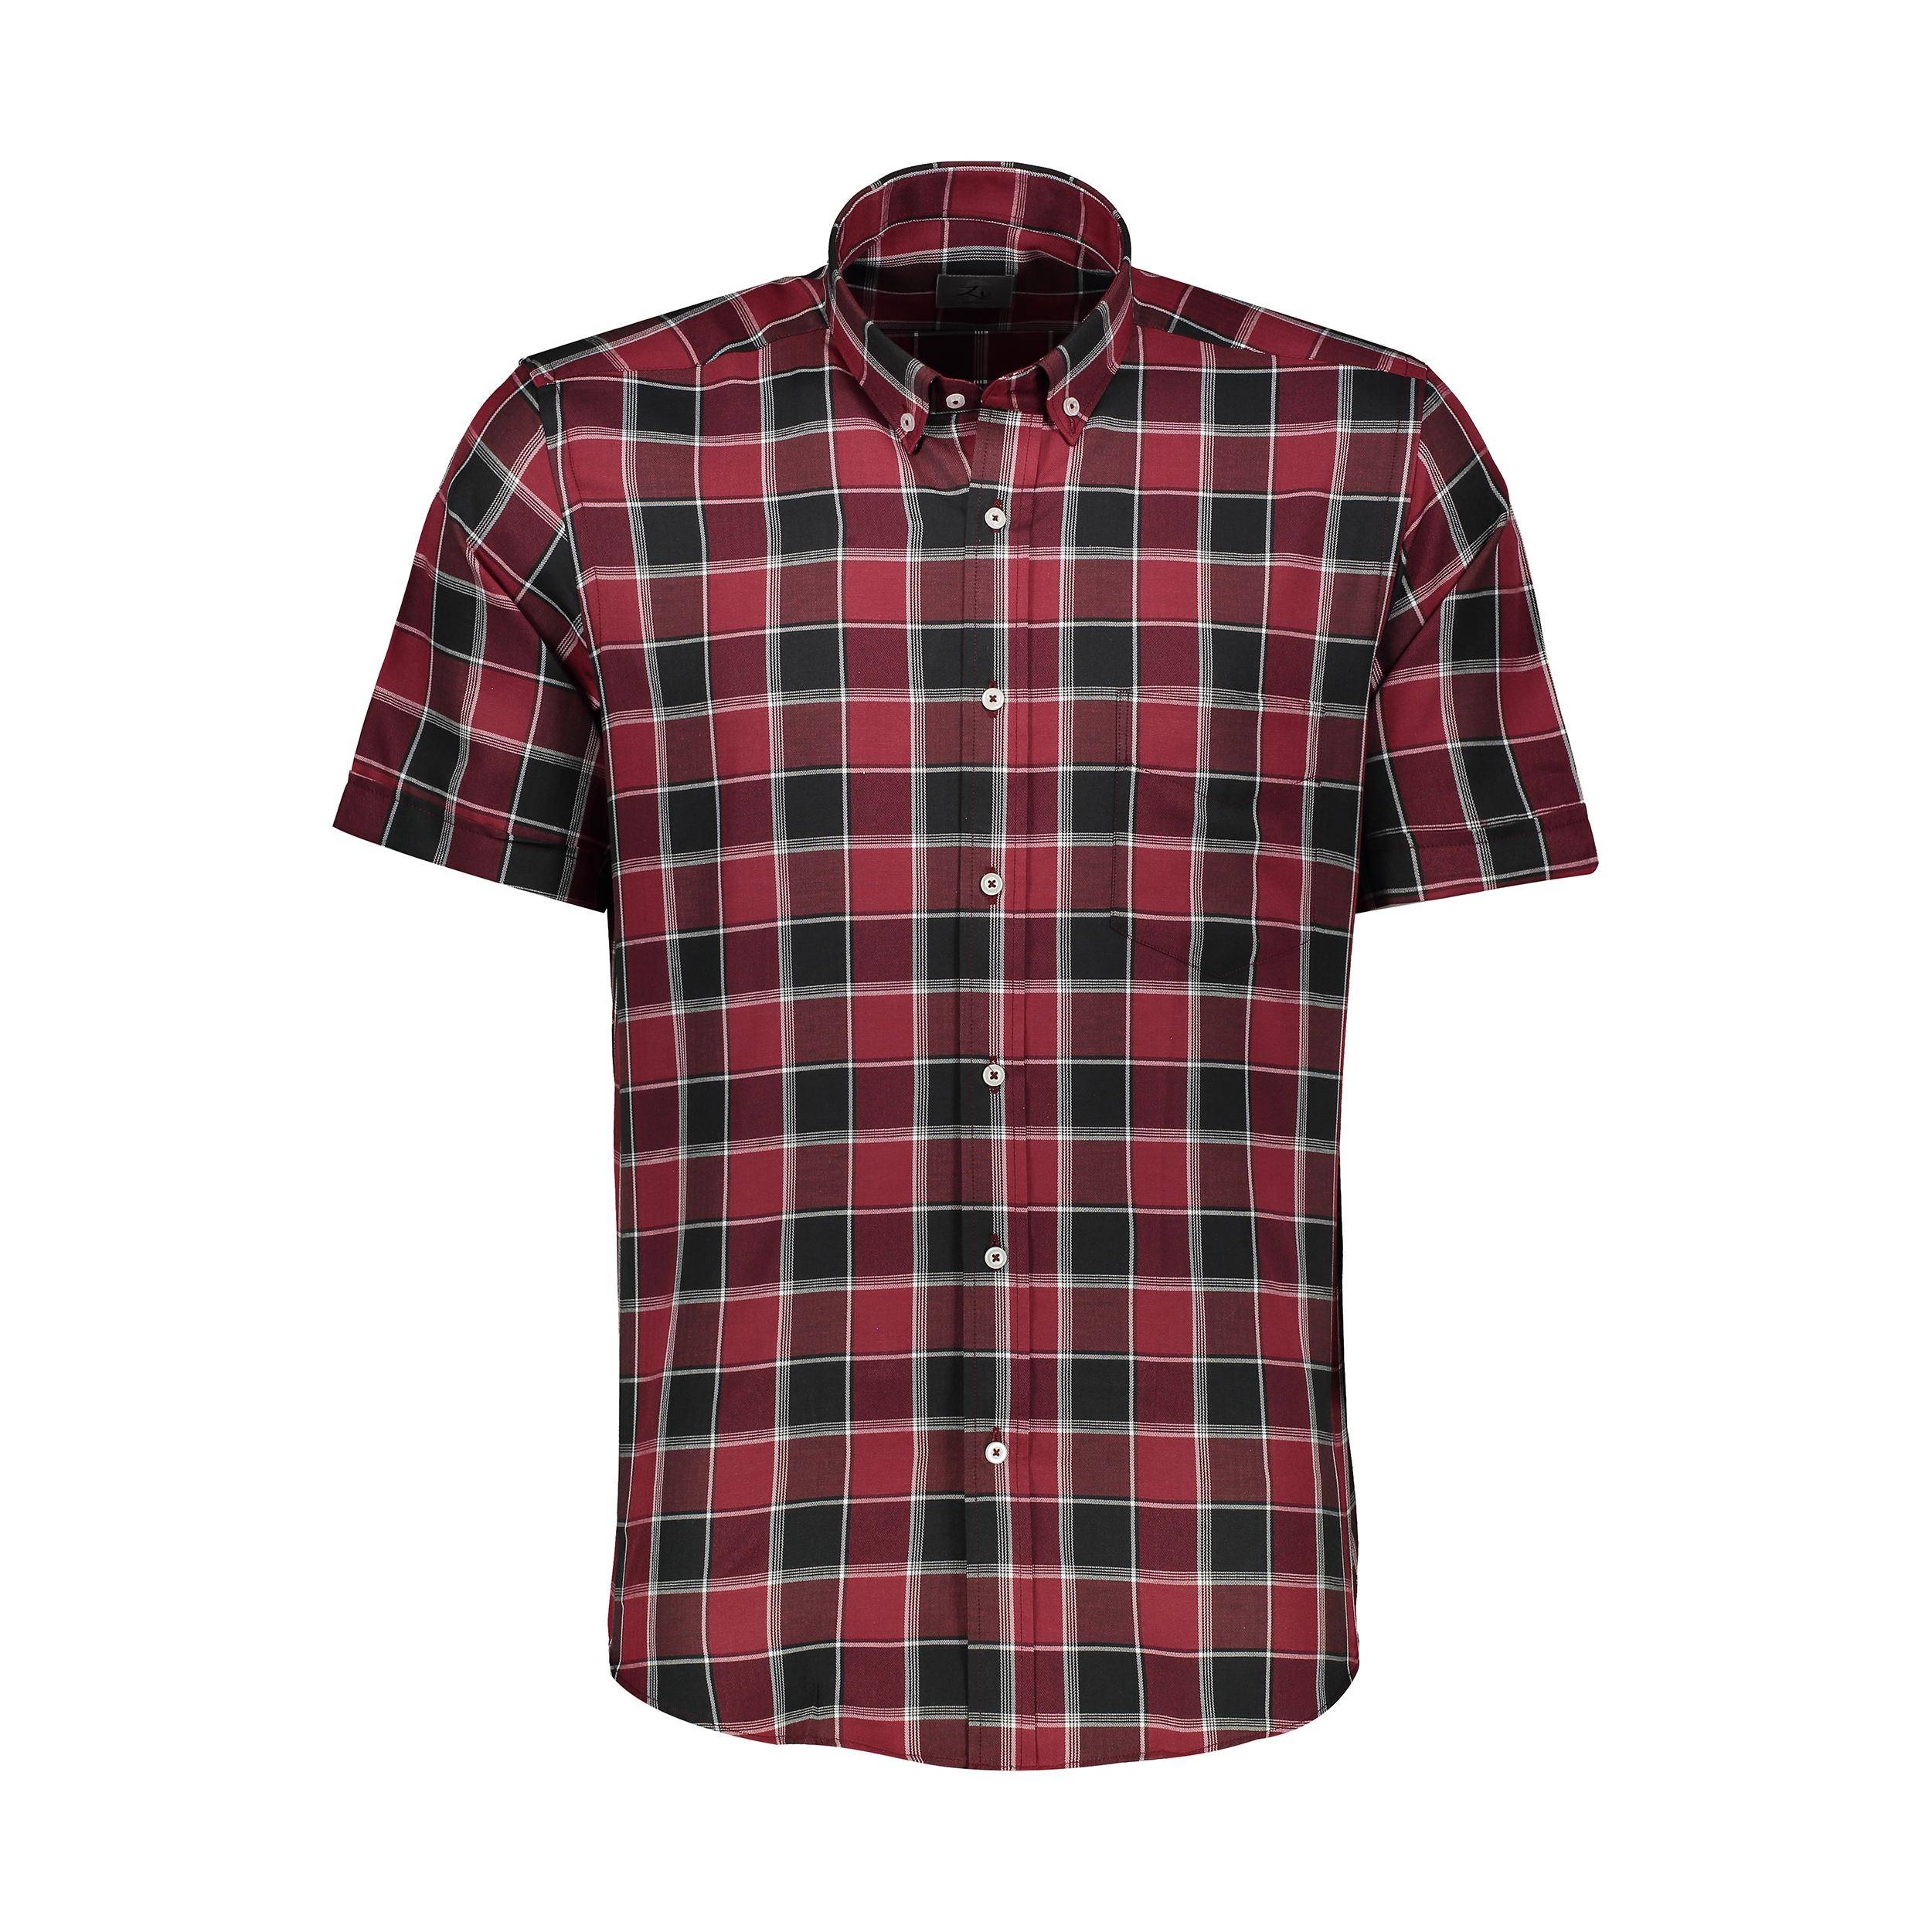 پیراهن مردانه زی مدل 15312297499 -  - 2